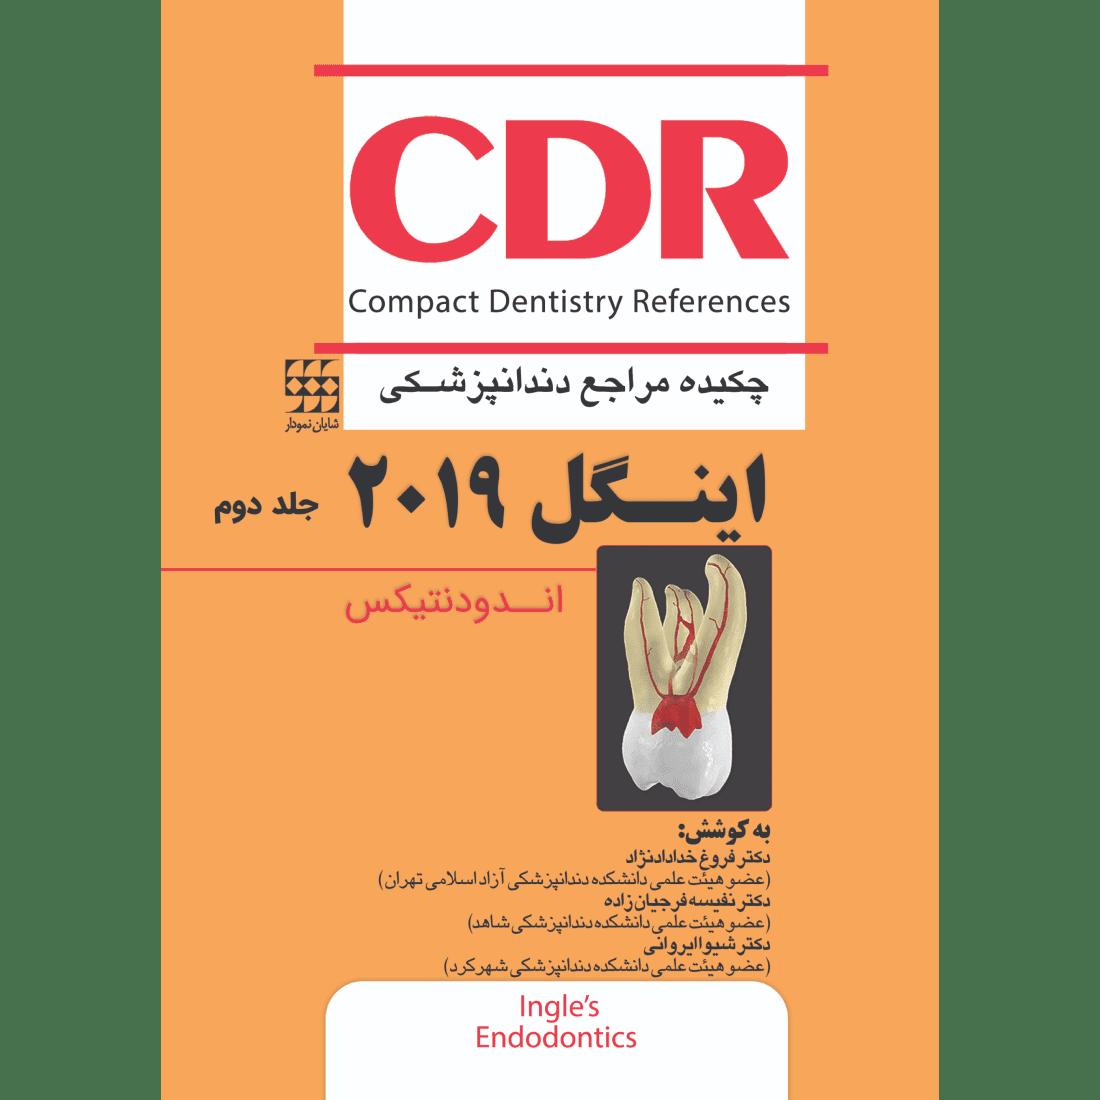 خلاصه کتاب اندودانتیکس اینگل 2019 CDR جلد اول و دوم